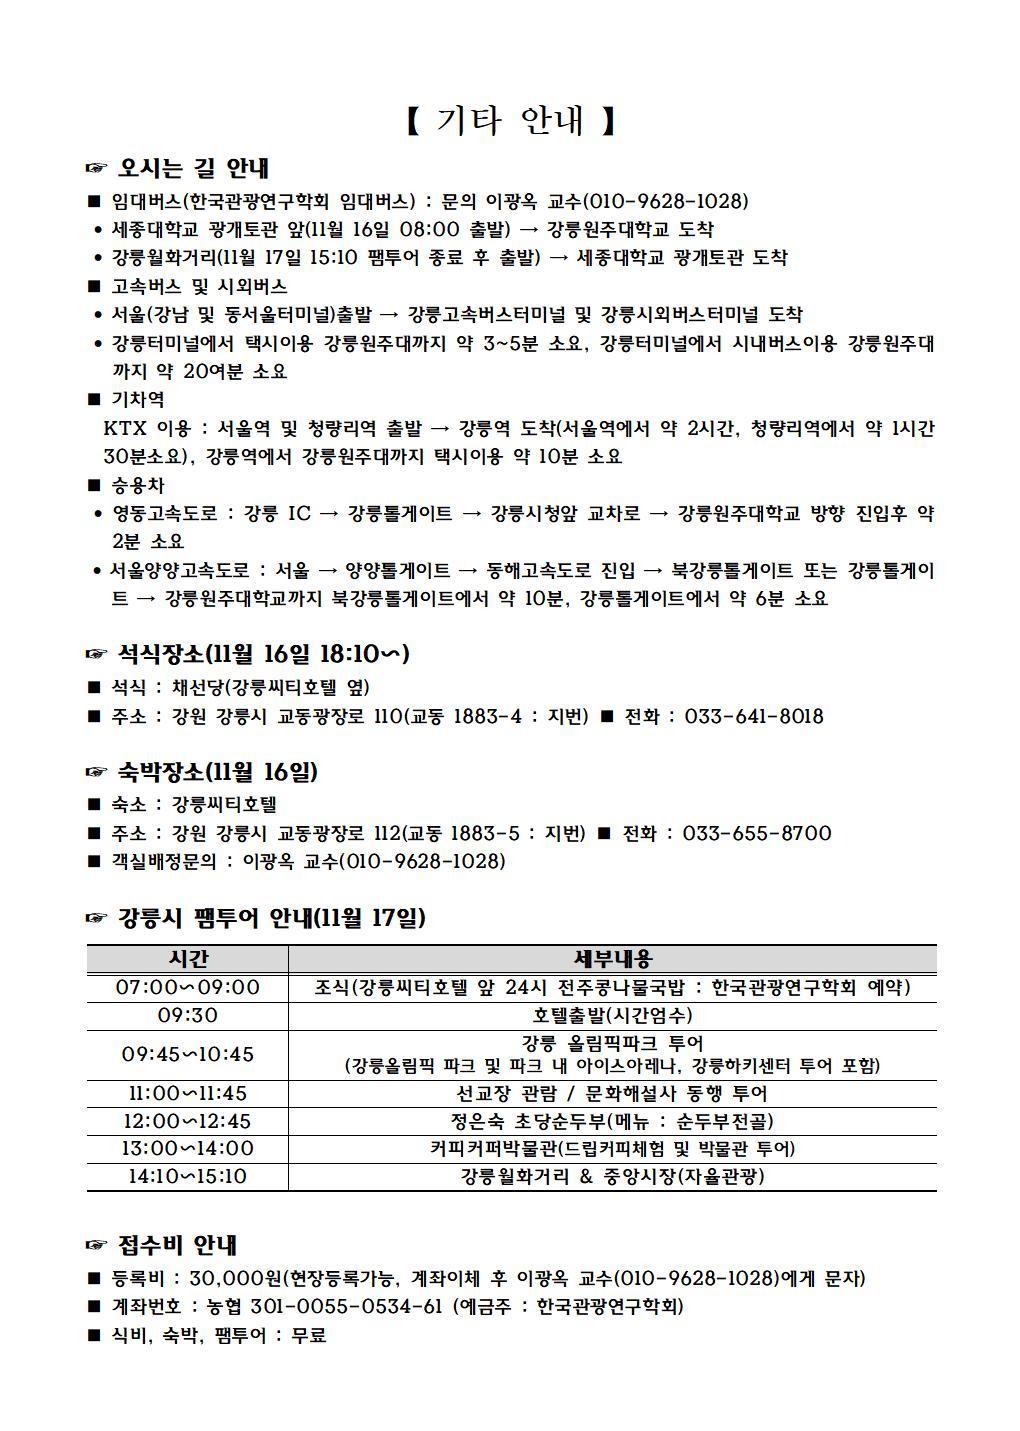 2019 강릉추계학술대회_세부일정표(최종)004.jpg